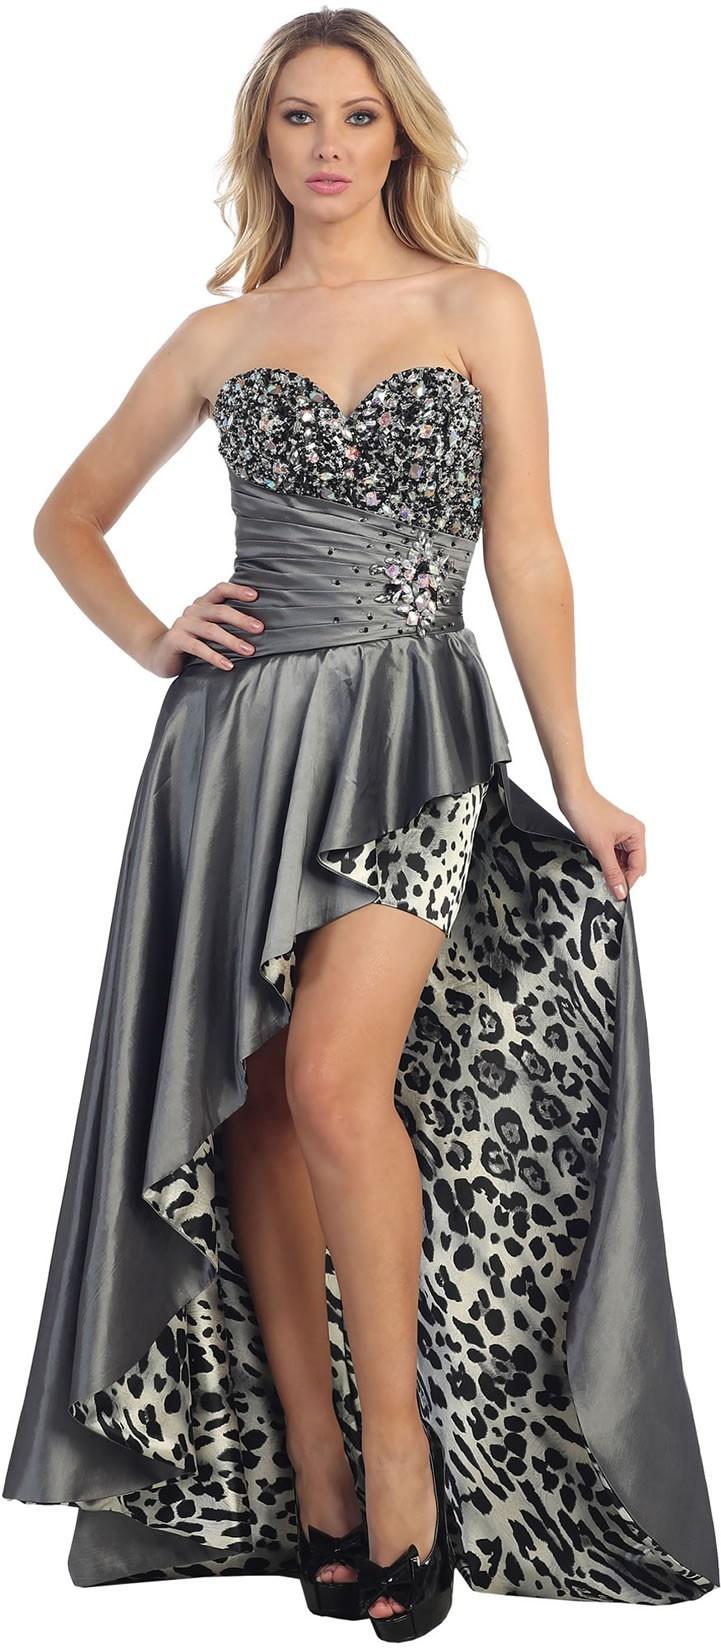 Plus Size Leopard Print Hi Low Dress Dress Images